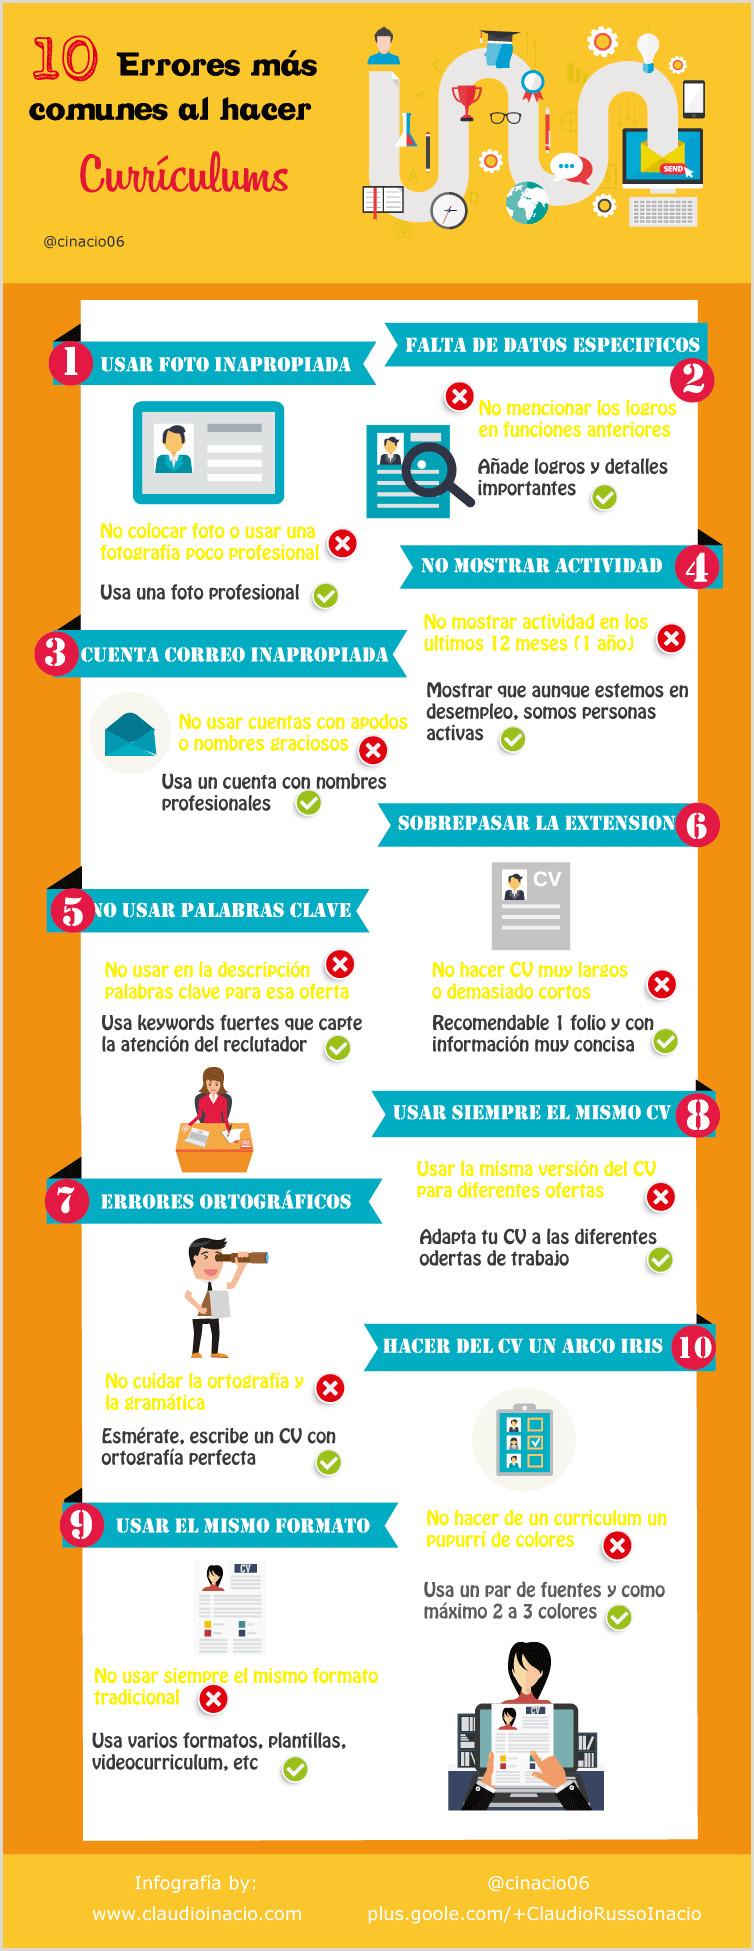 Curriculum Vitae Para Rellenar Argentina Curriculum Vitae 2019 C³mo Hacer Un Buen Curriculum